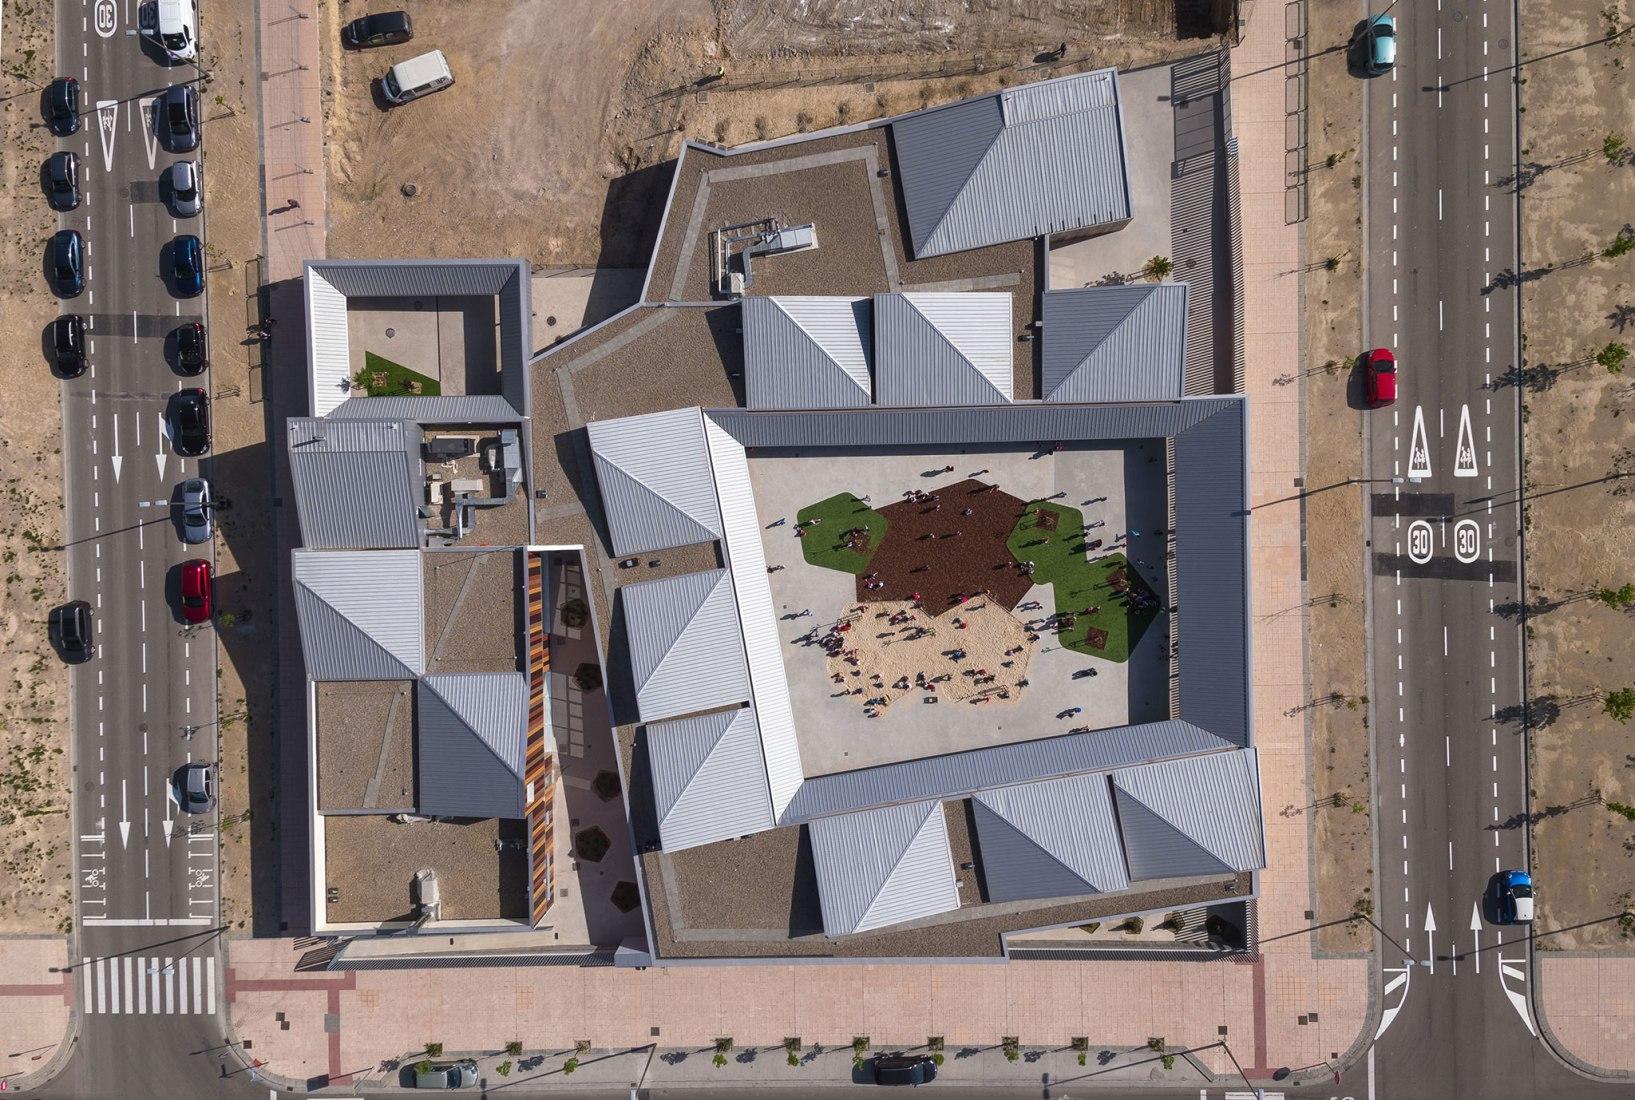 Centro de educación infantil Arcosur por Magén Arquitectos. Fotografía por Rubén Pérez Bescós.